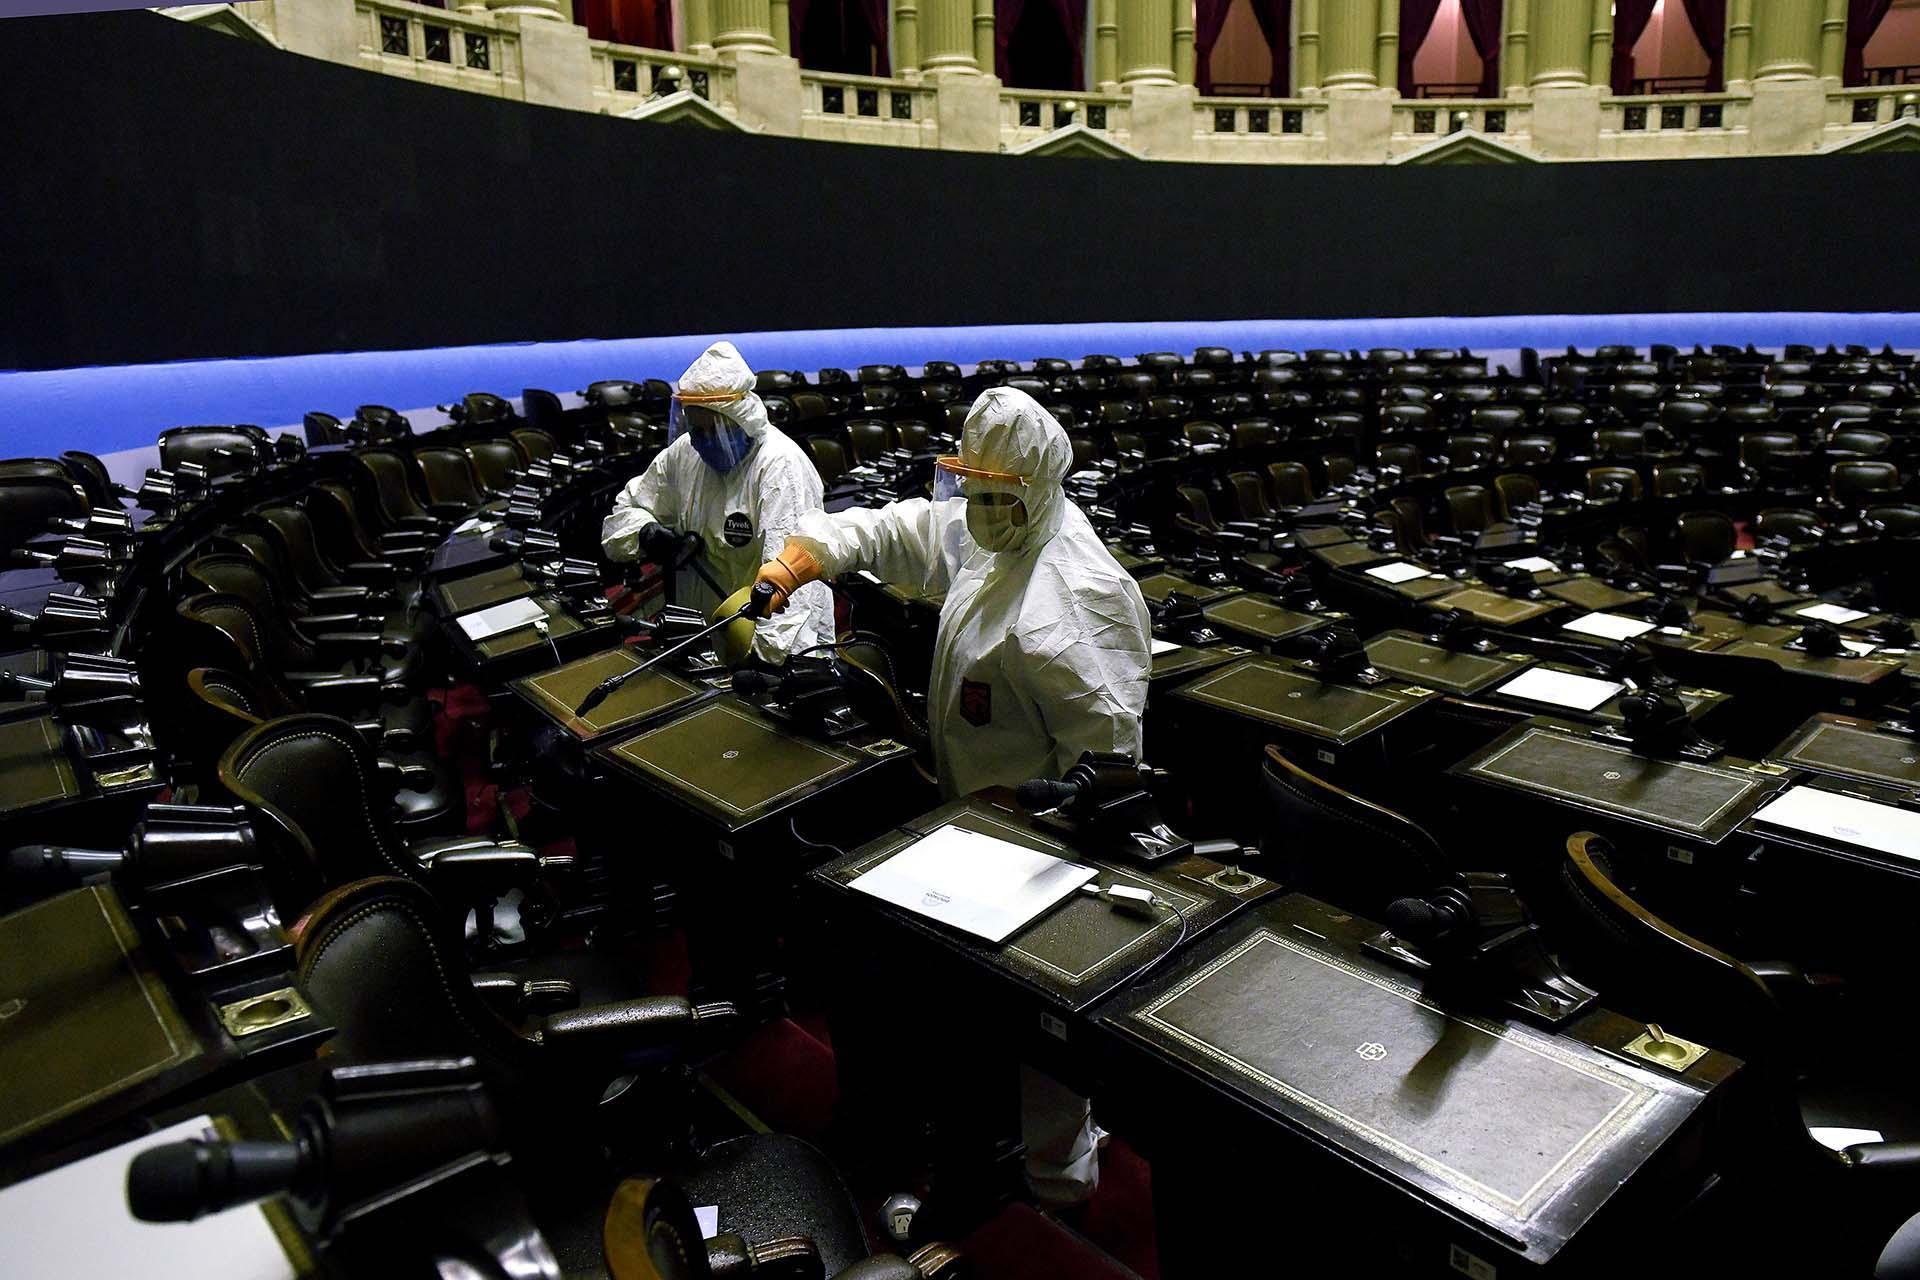 Empleados con equipo de protección desinfectan el recinto de la Cámara de Diputados